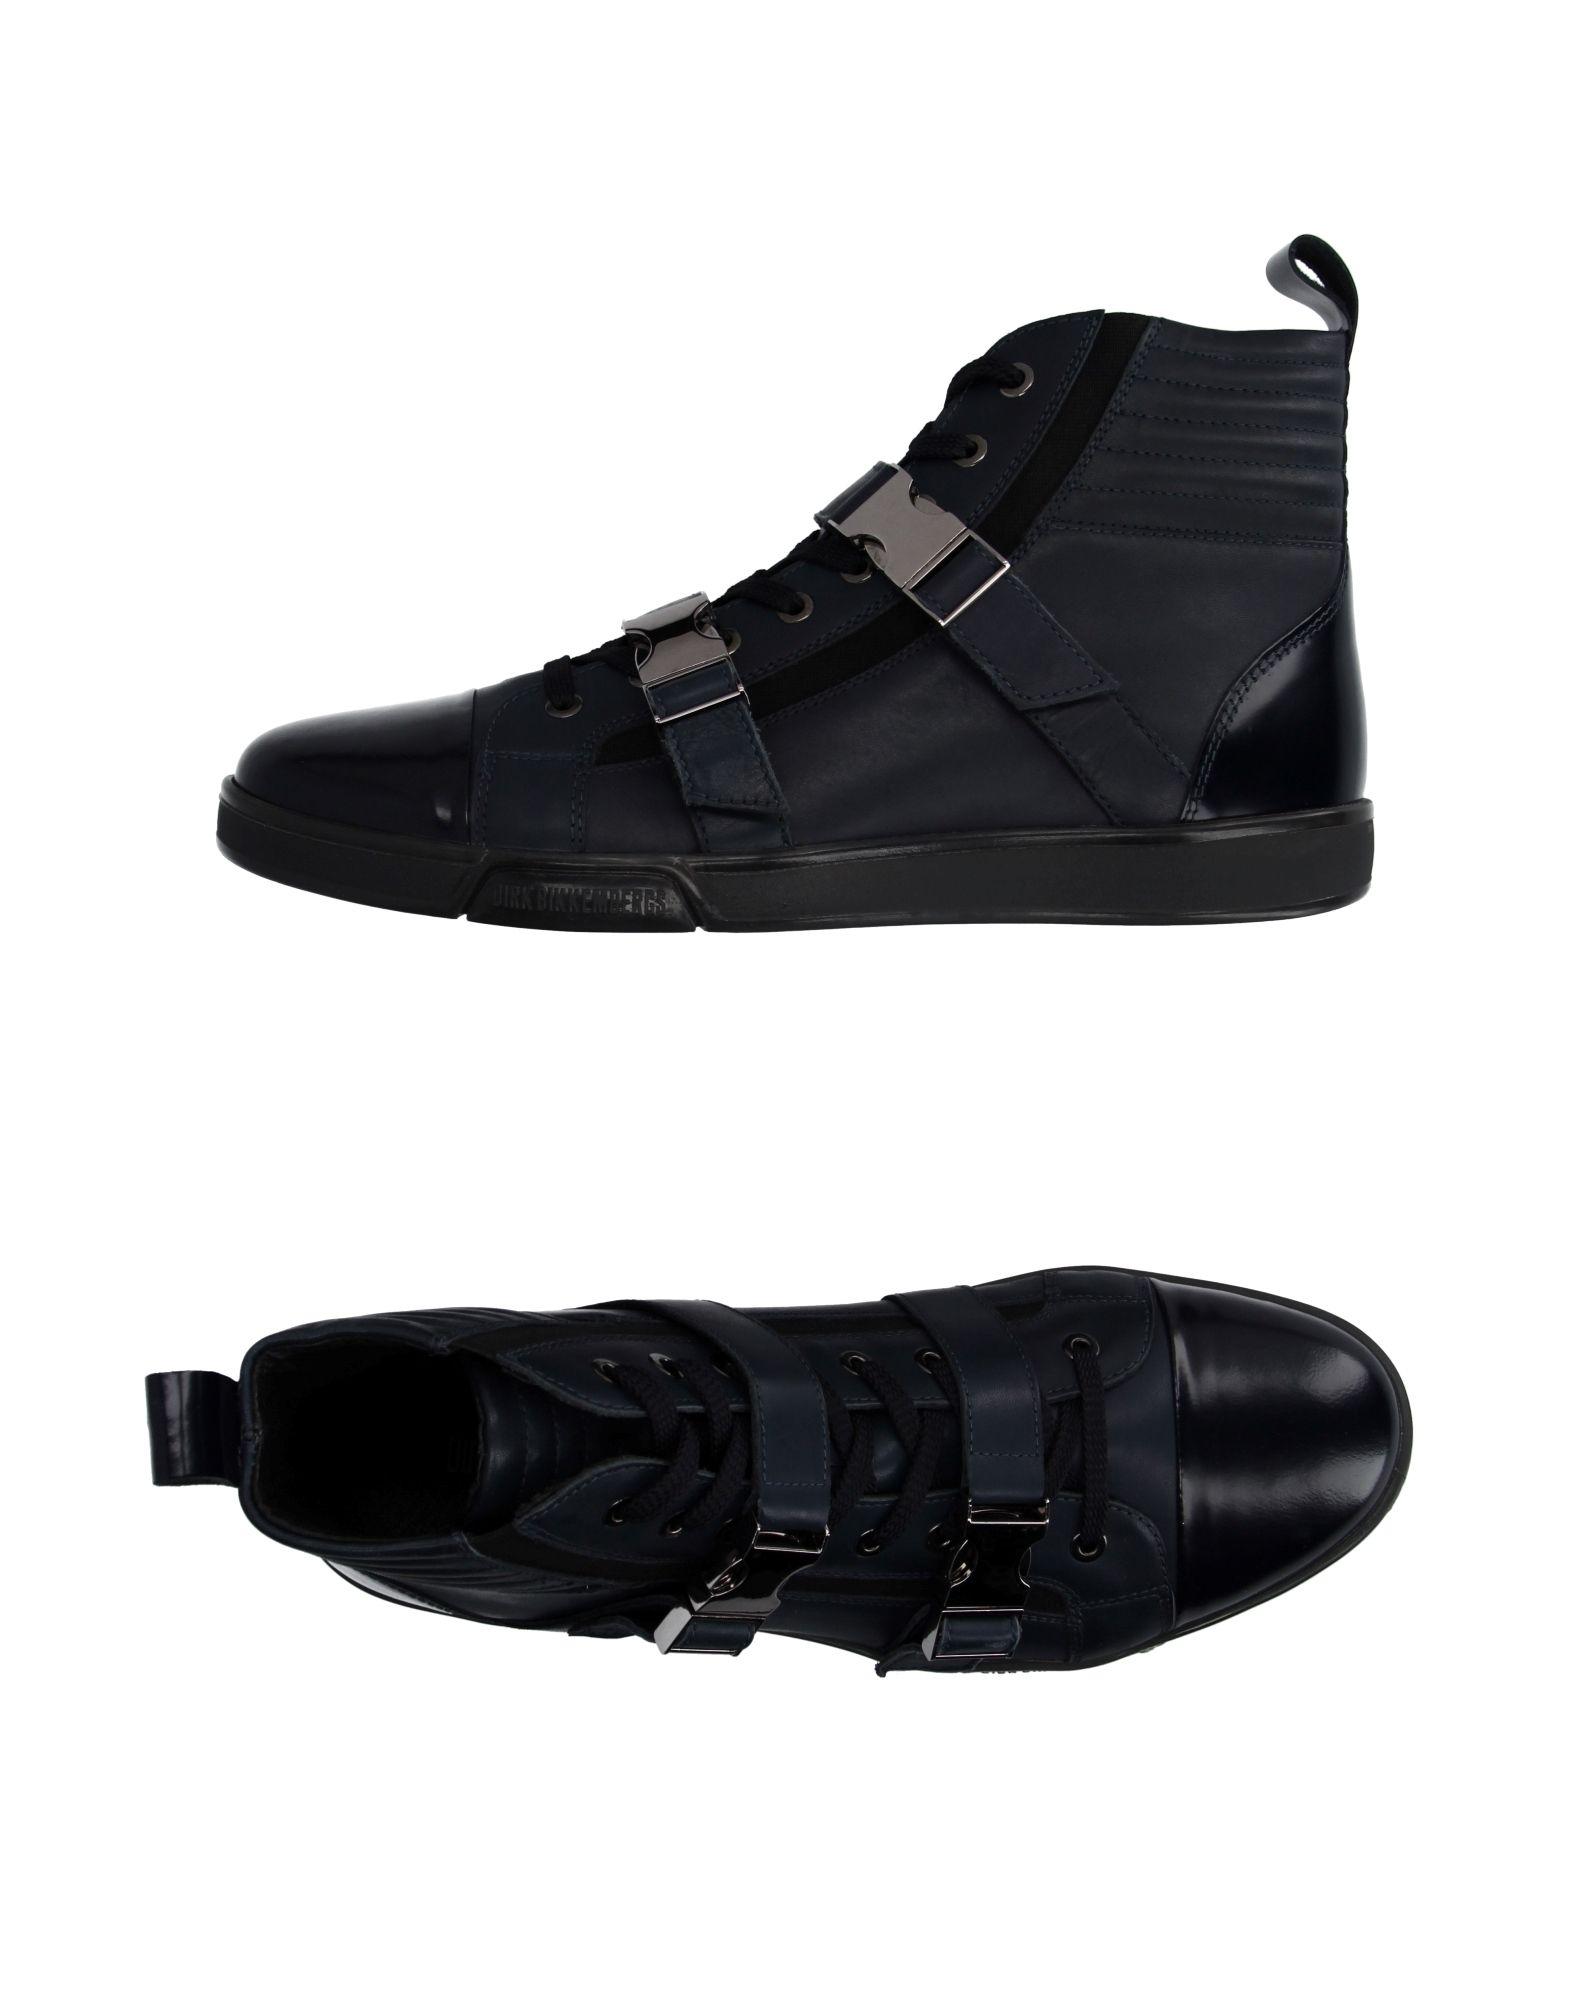 Dirk Bikkembergs Bikkembergs Dirk Sneakers Herren  11061297XT 63b663